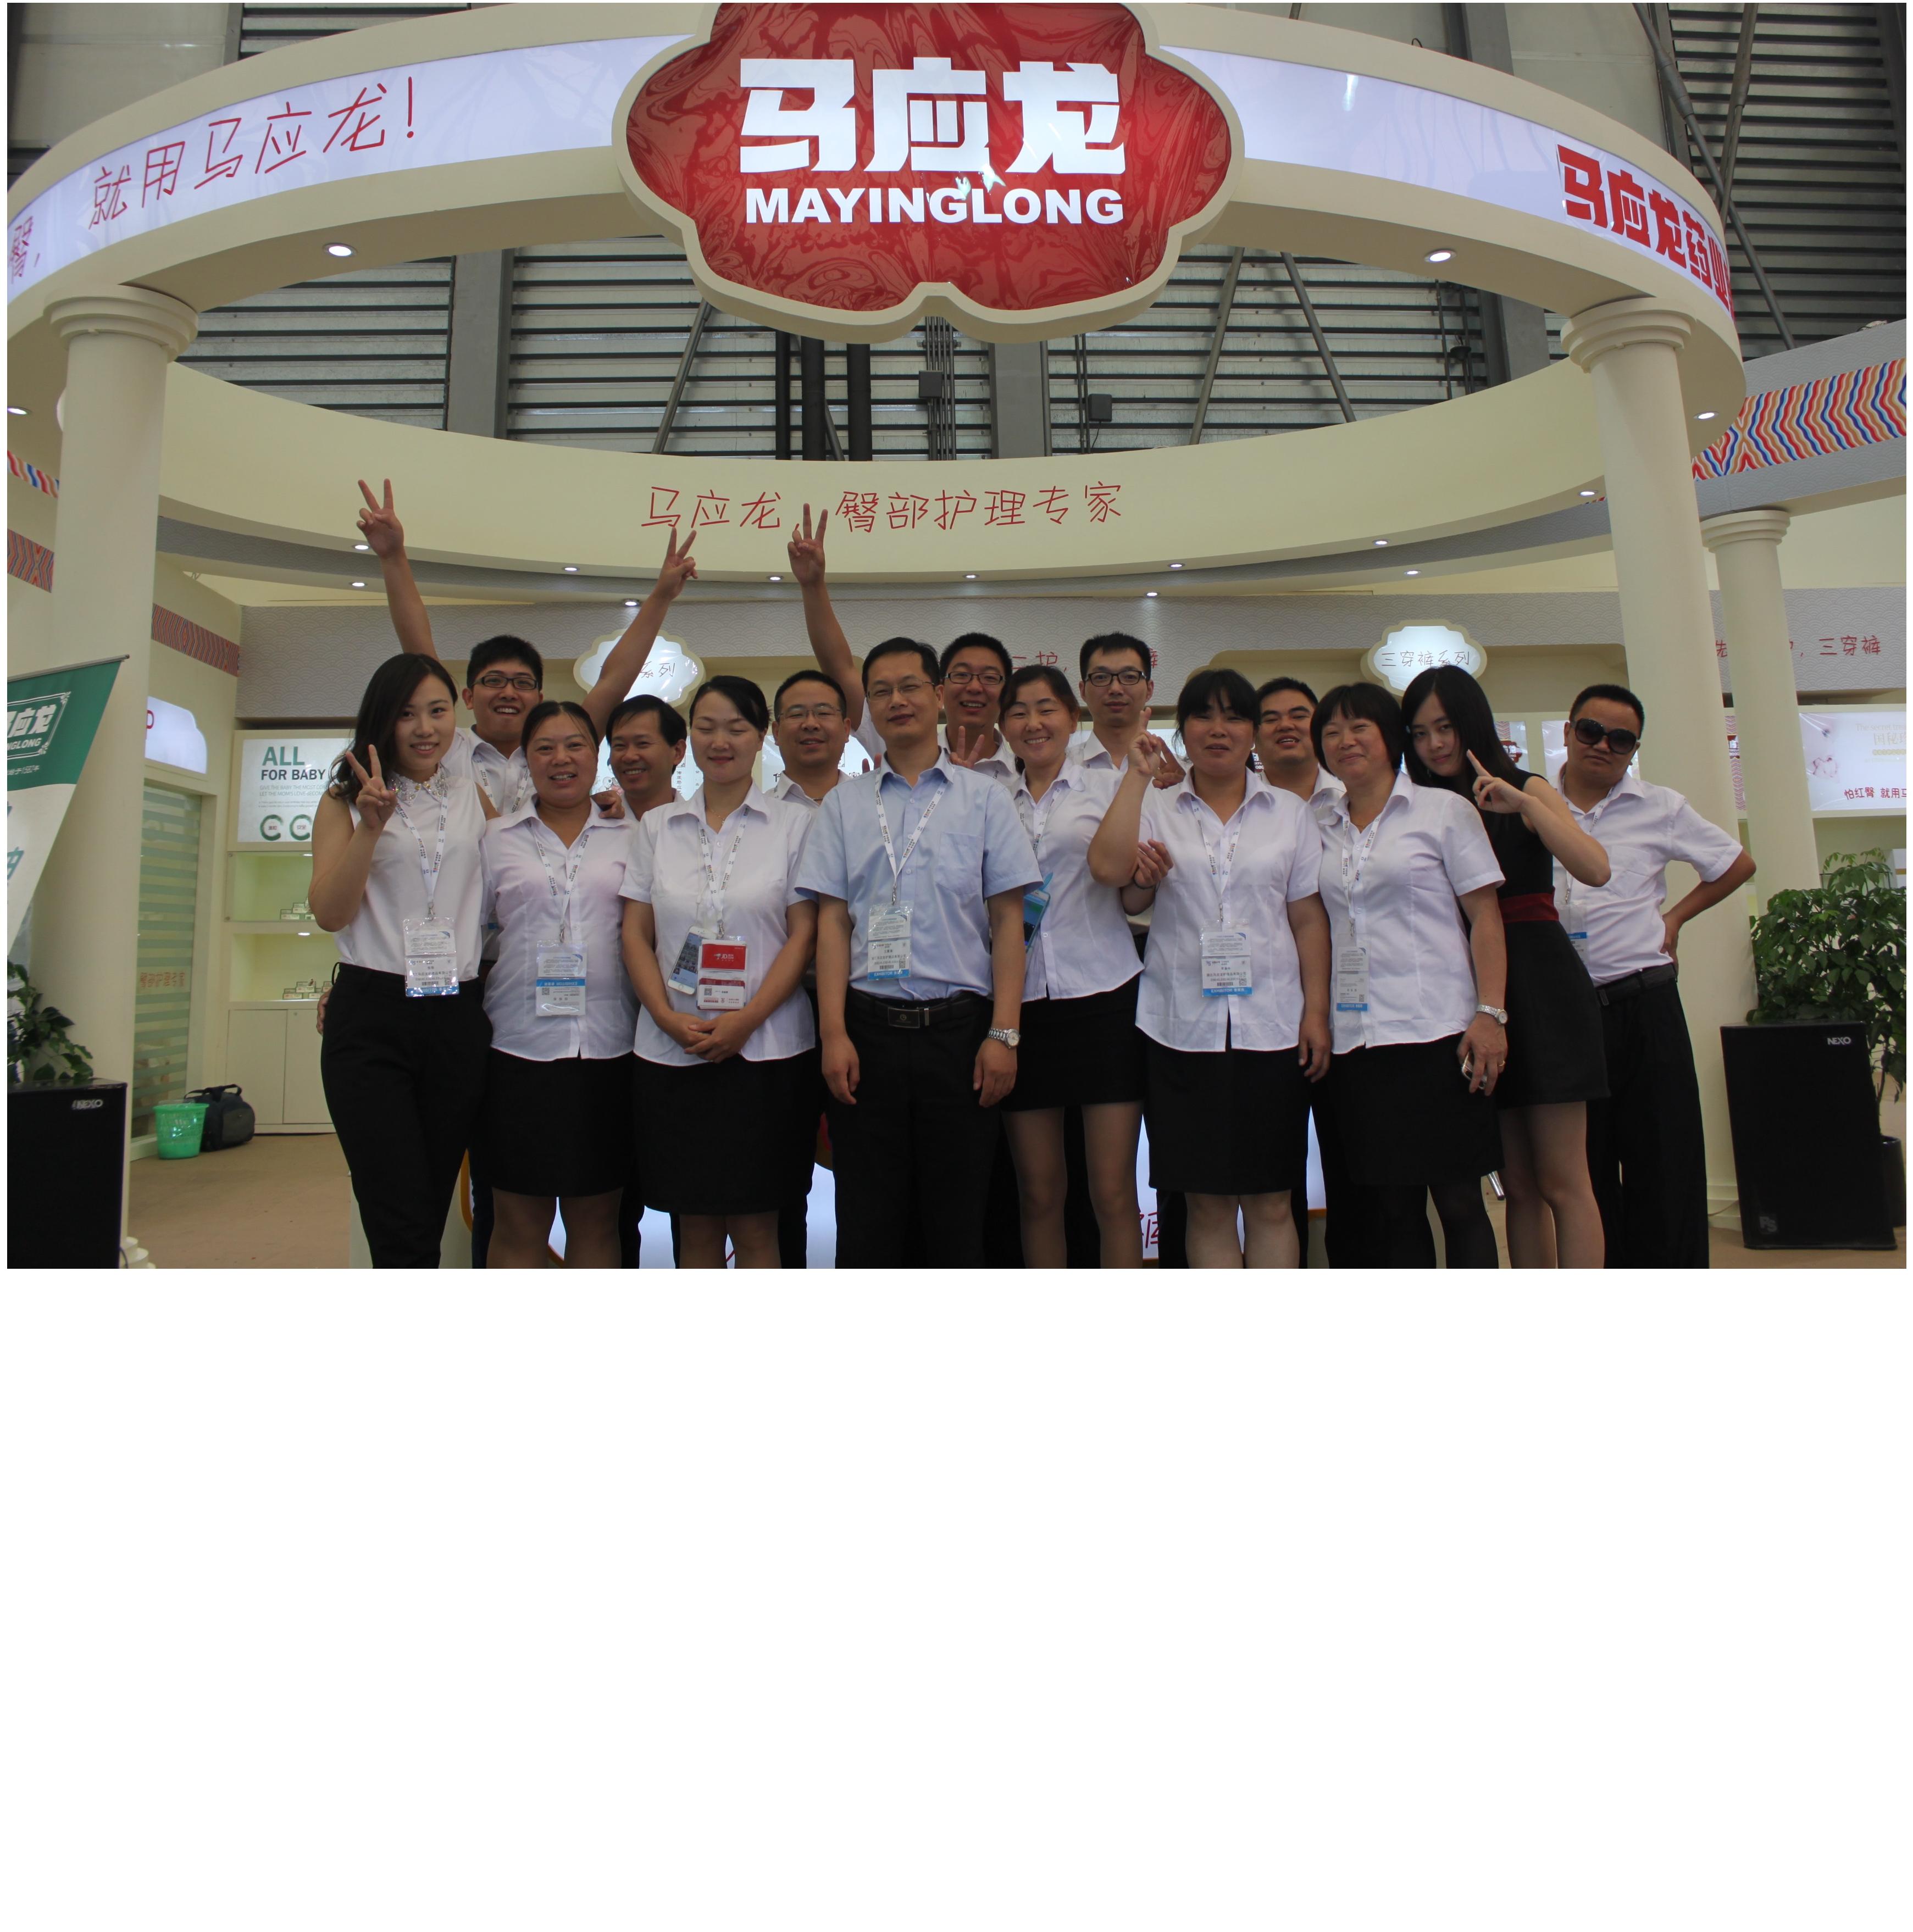 热烈庆祝湖北合乐彩票护理品有限公司参加 第15届上海CBME中国孕婴童展取得圆满成功